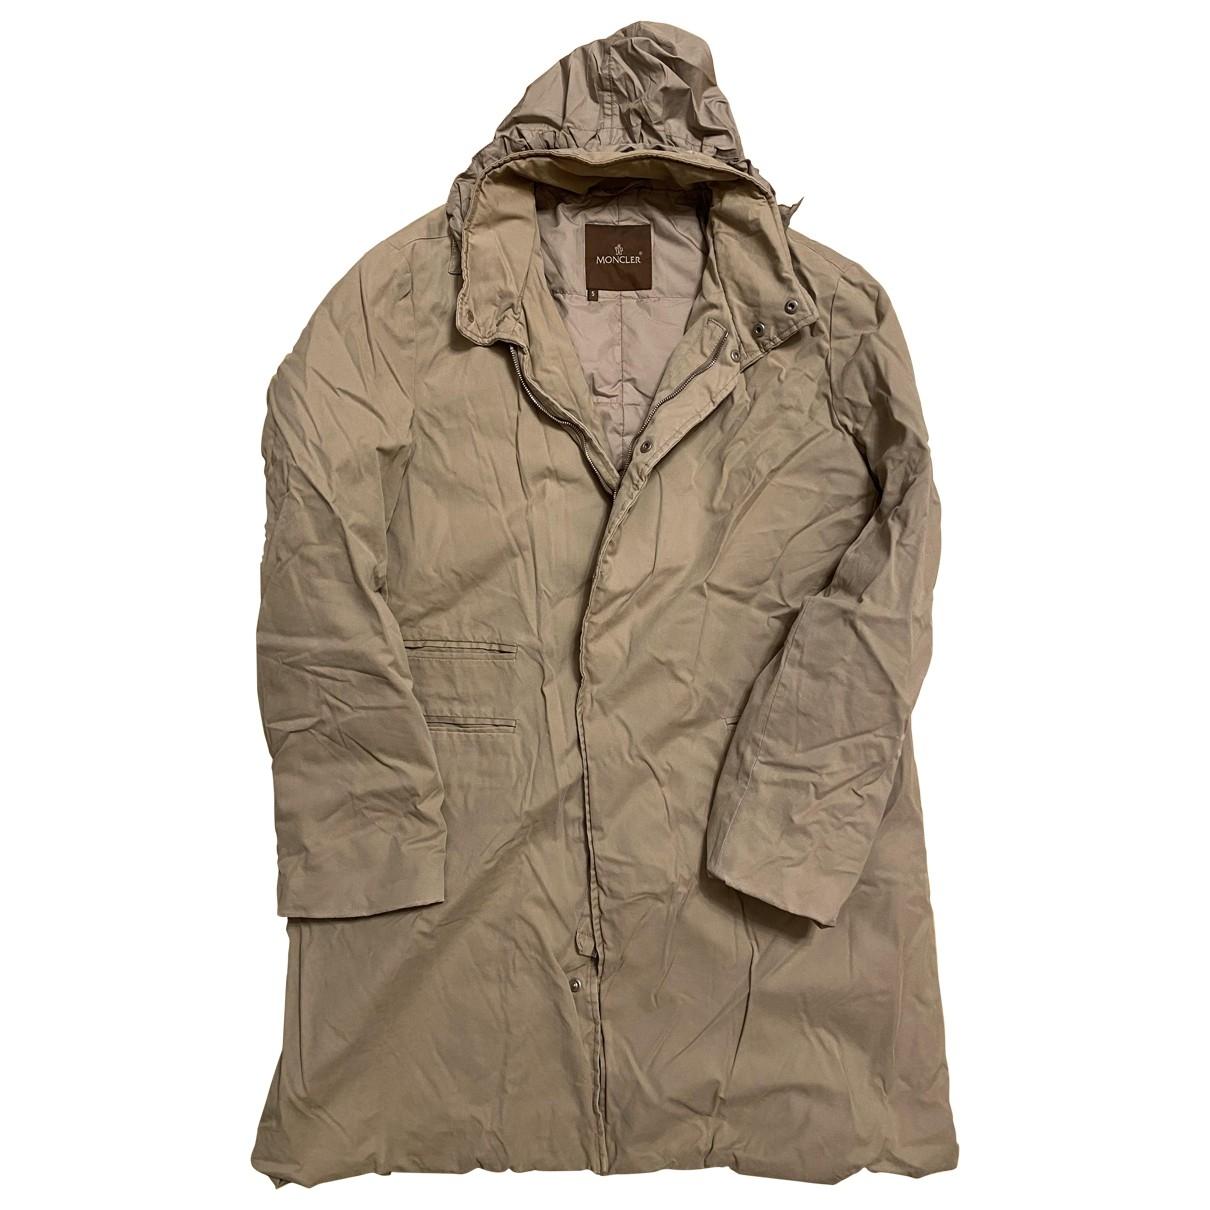 Moncler - Manteau Classic pour homme en cuir - beige